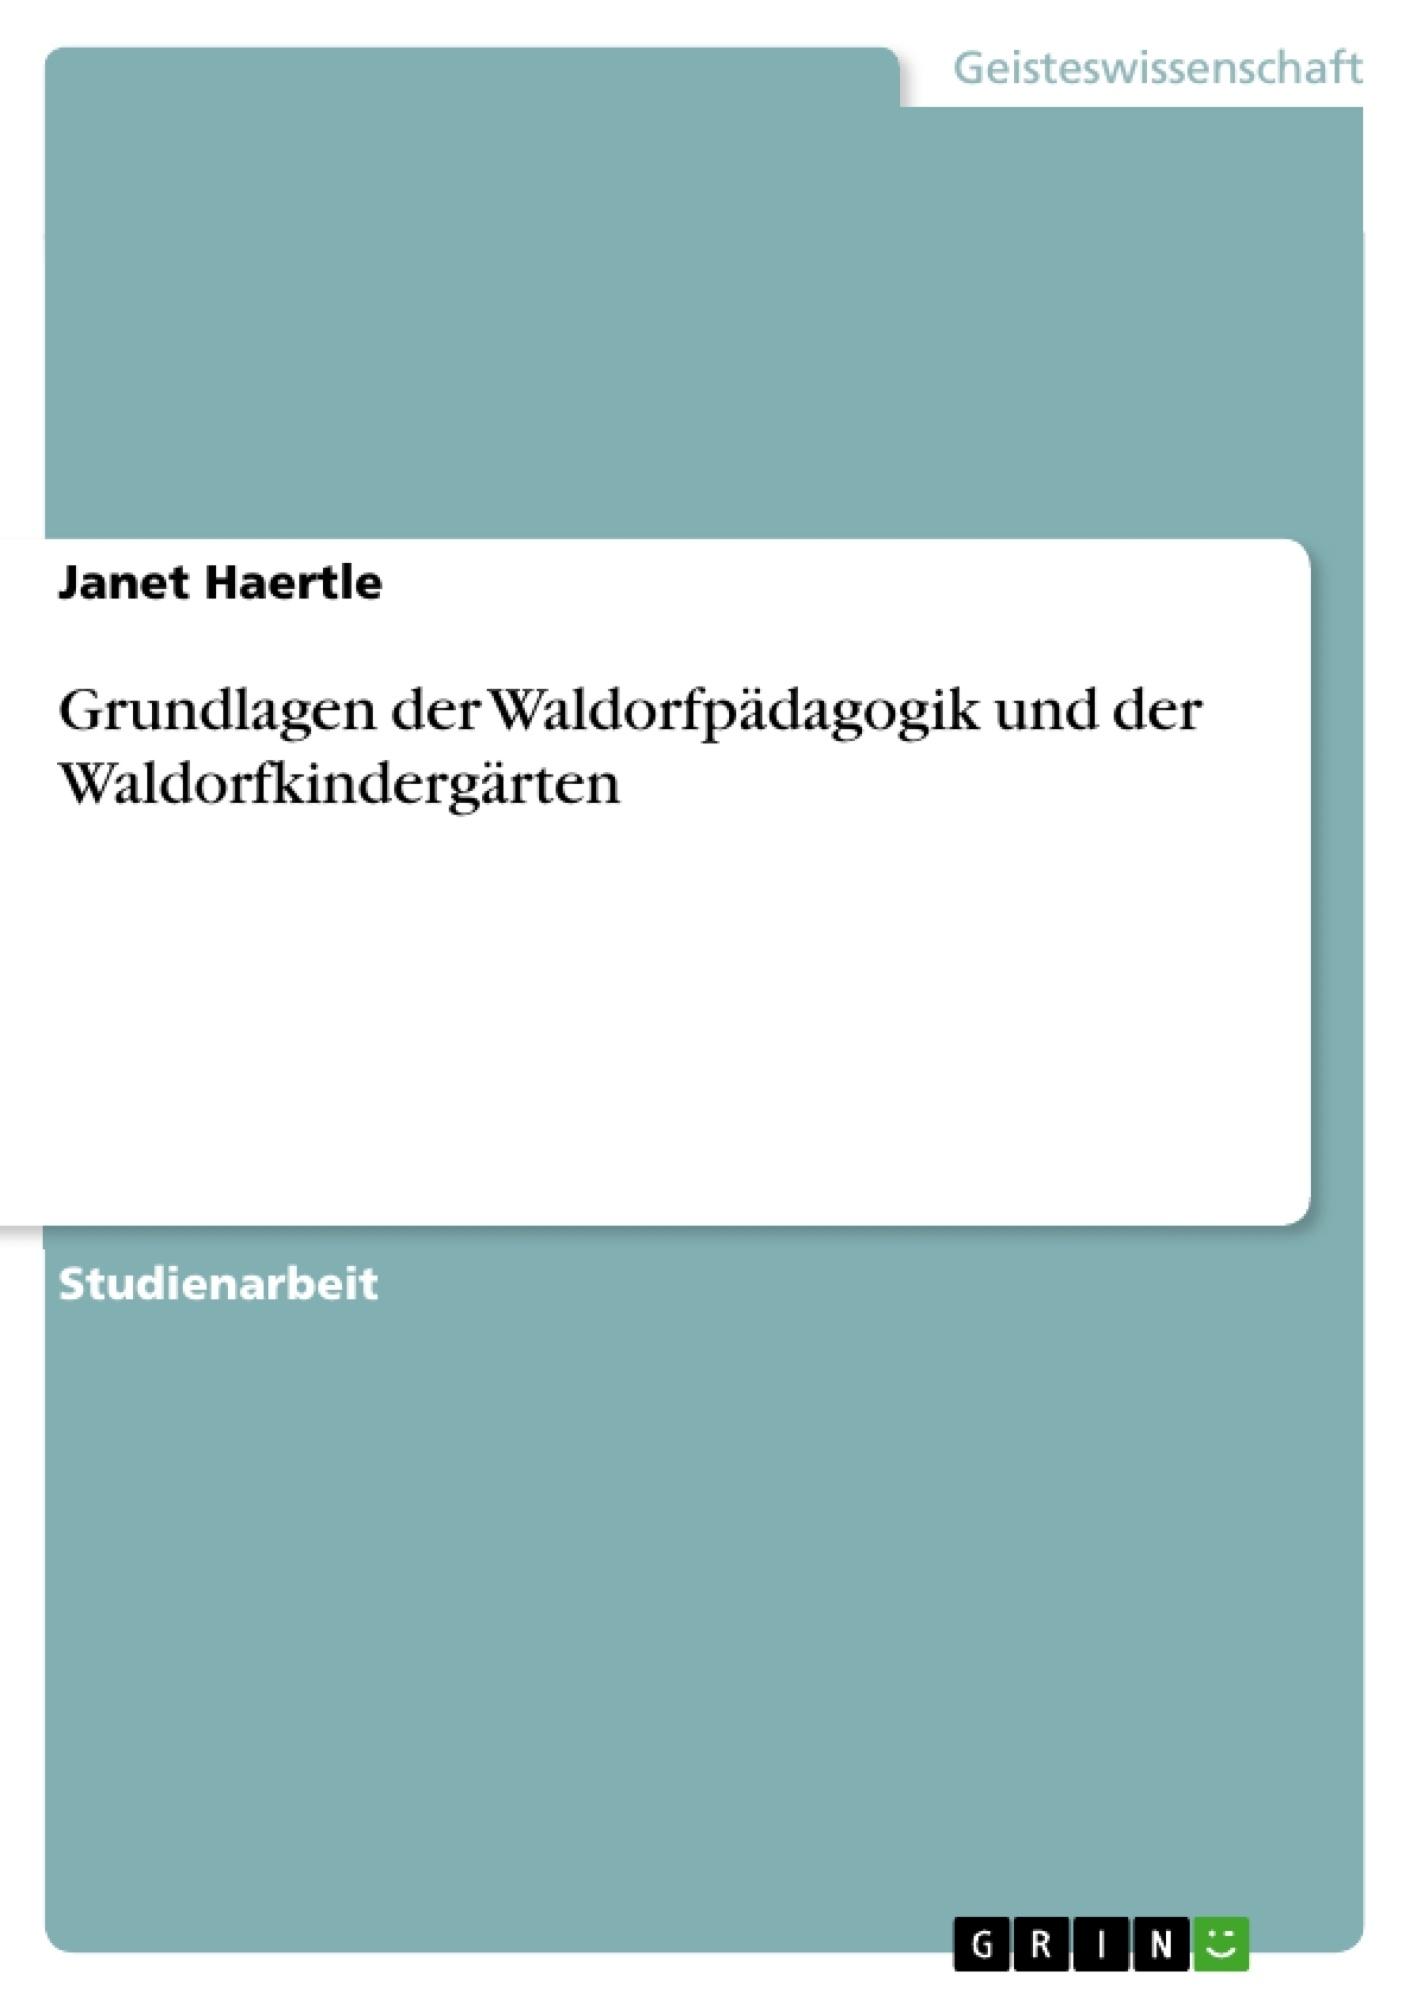 Titel: Grundlagen der Waldorfpädagogik und der Waldorfkindergärten